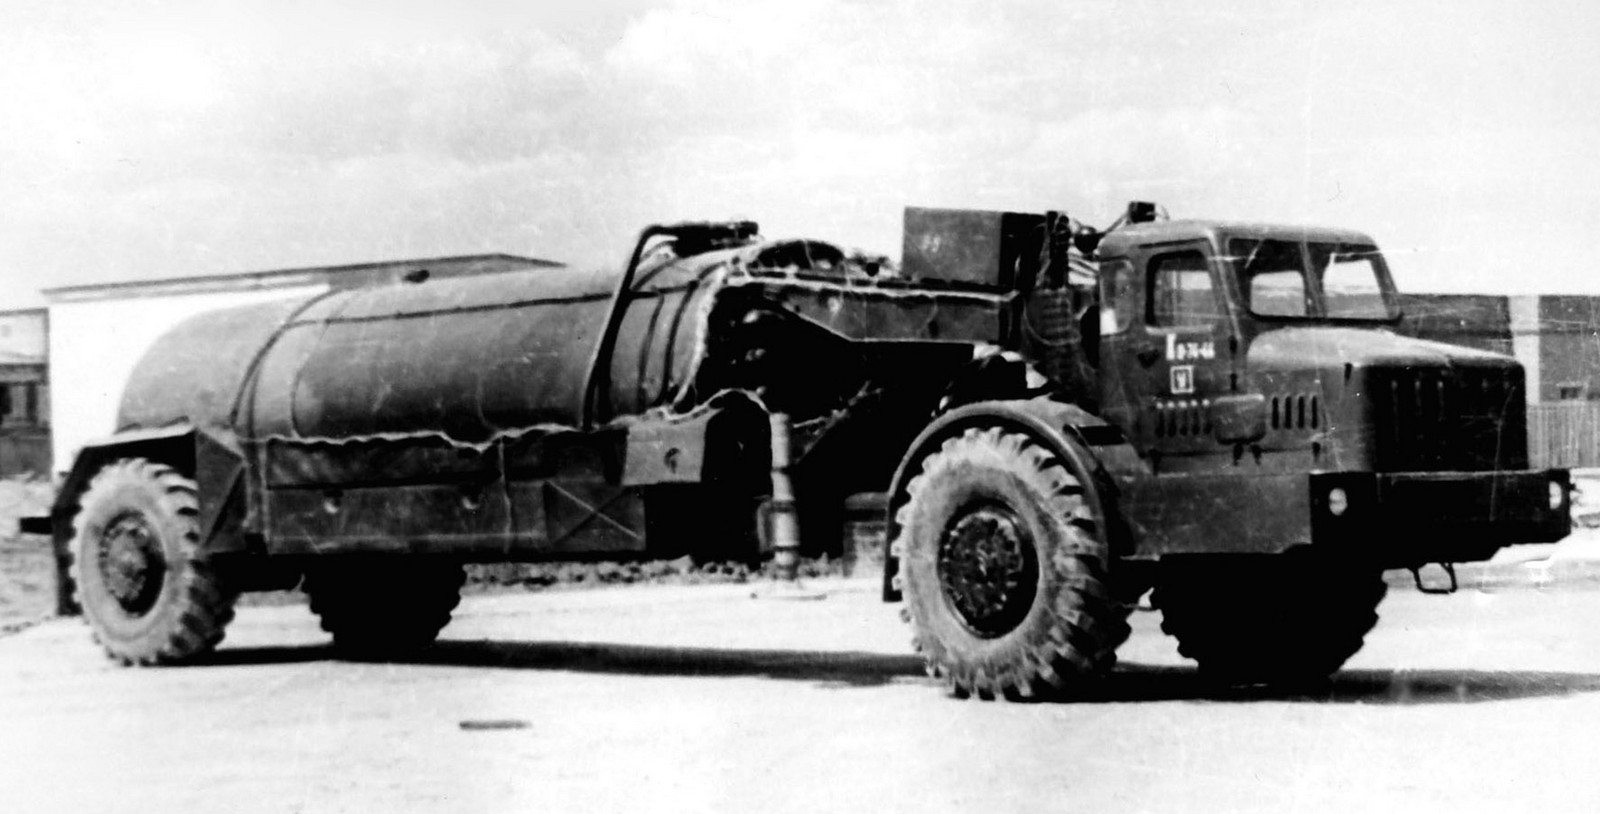 МАЗ-529Е с полуприцепным топливозаправщиком 8Г132 (из архива НИИЦ АТ)